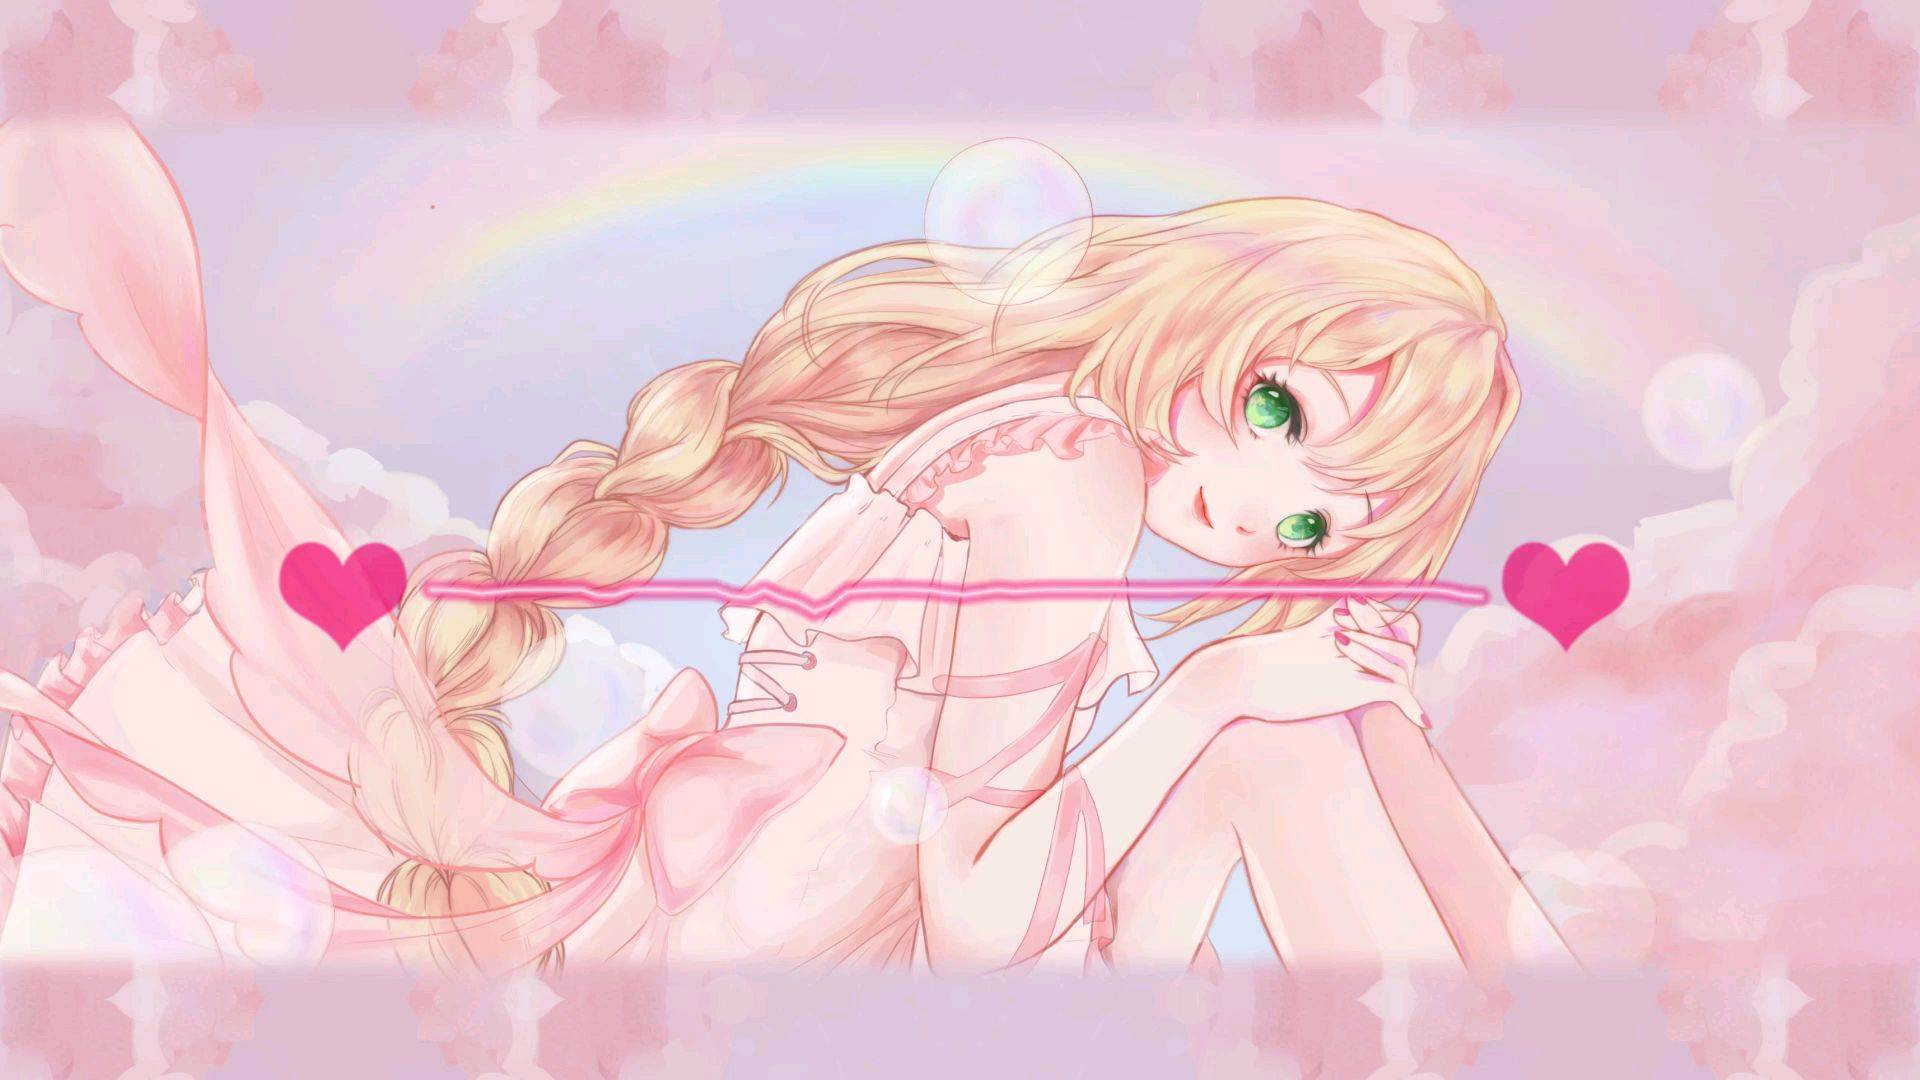 【若白】《喜欢你》我喜欢你爱我的心,轻触我每根手指感应